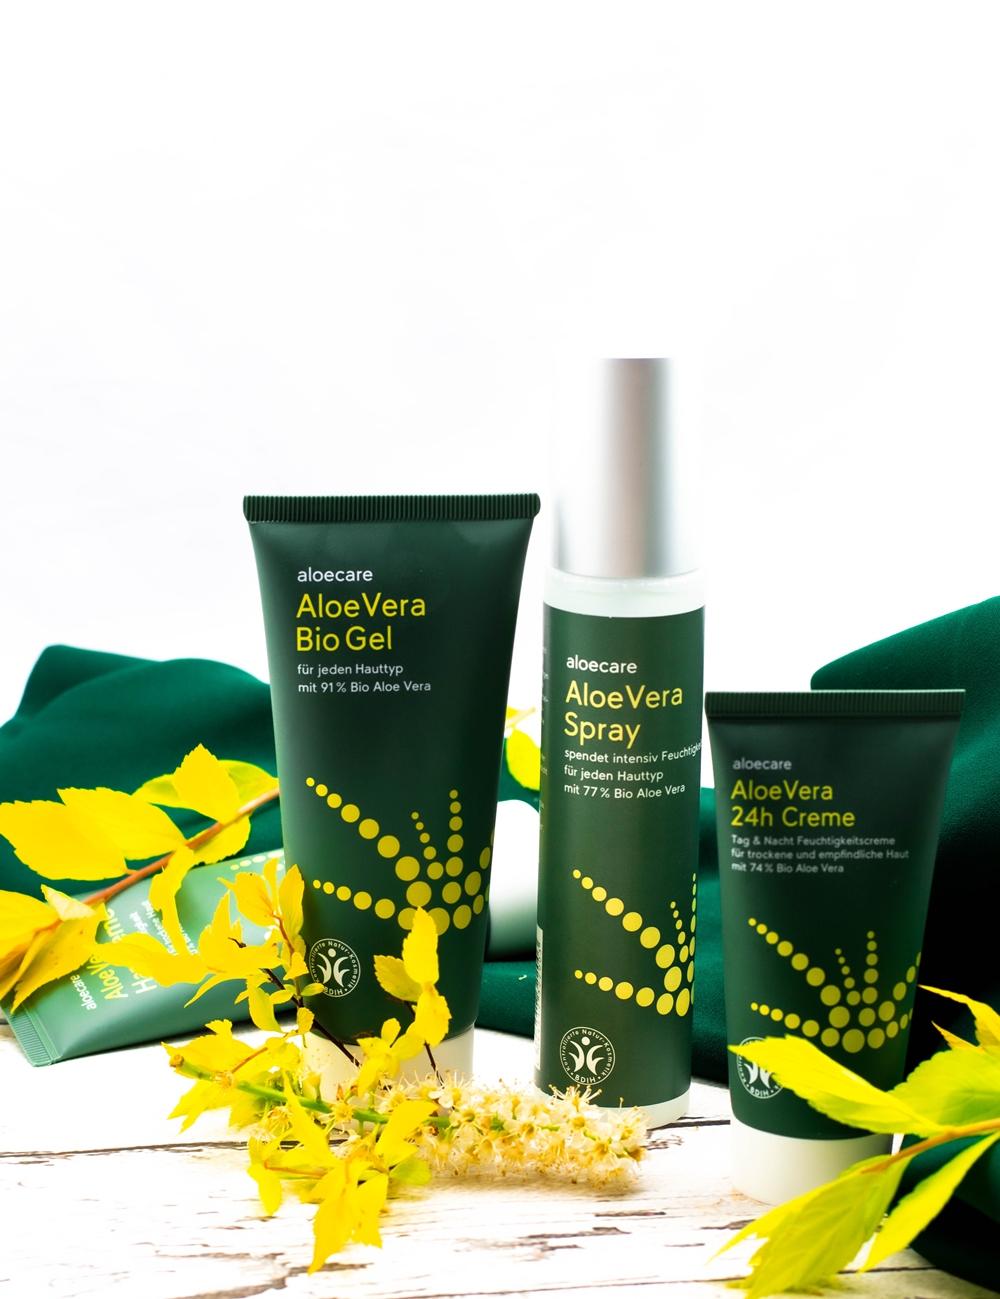 Aloesowe kosmetyki na każdą kieszeń - Rainbow Aloecare i żel aloesowy z dobrym składem.